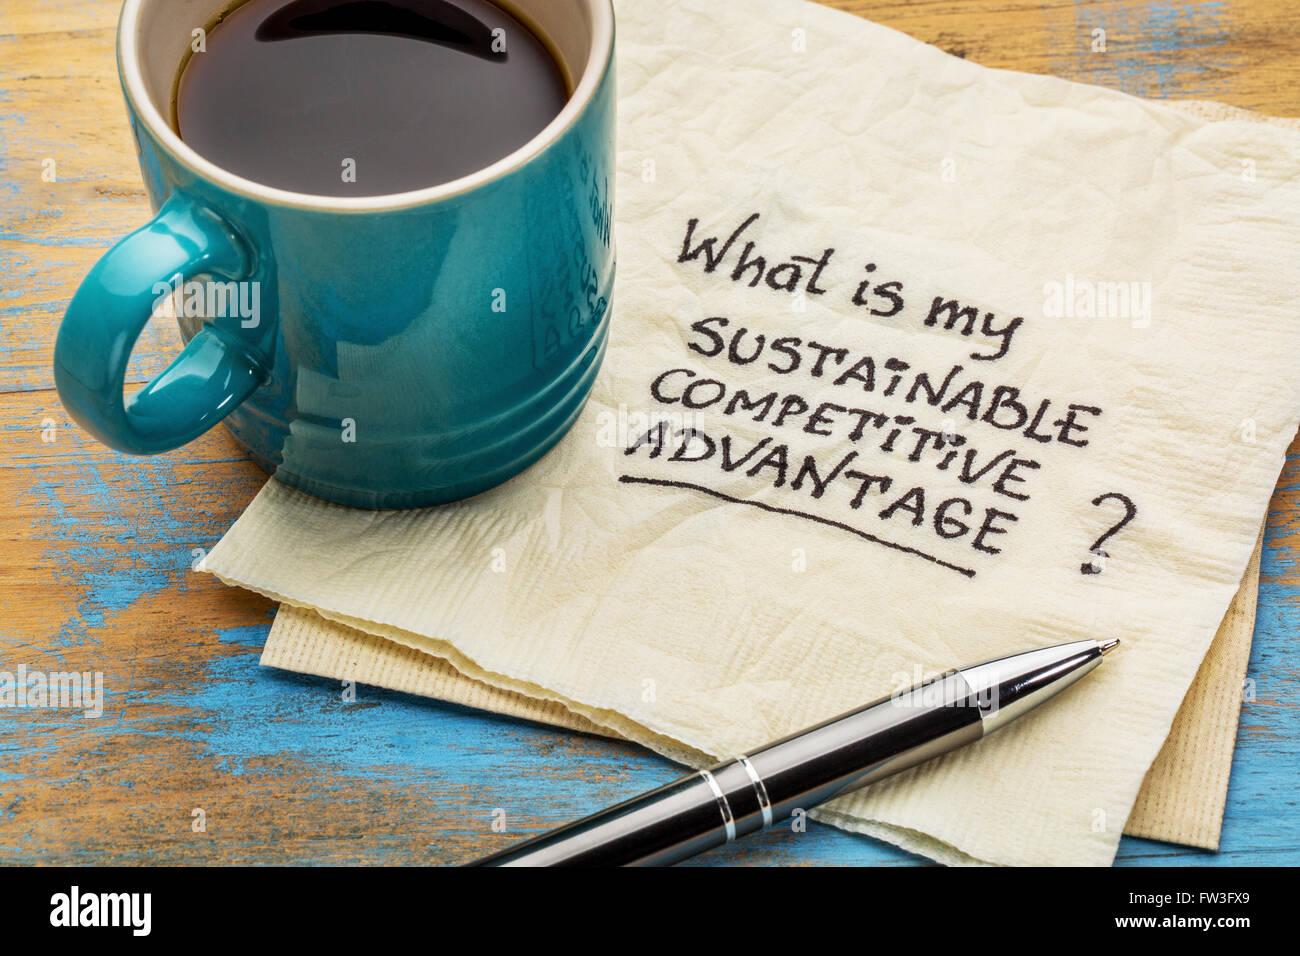 Was ist meine Frage nachhaltiger Wettbewerbsvorteil - Handschrift auf einer Serviette mit einer Tasse Kaffee Stockbild